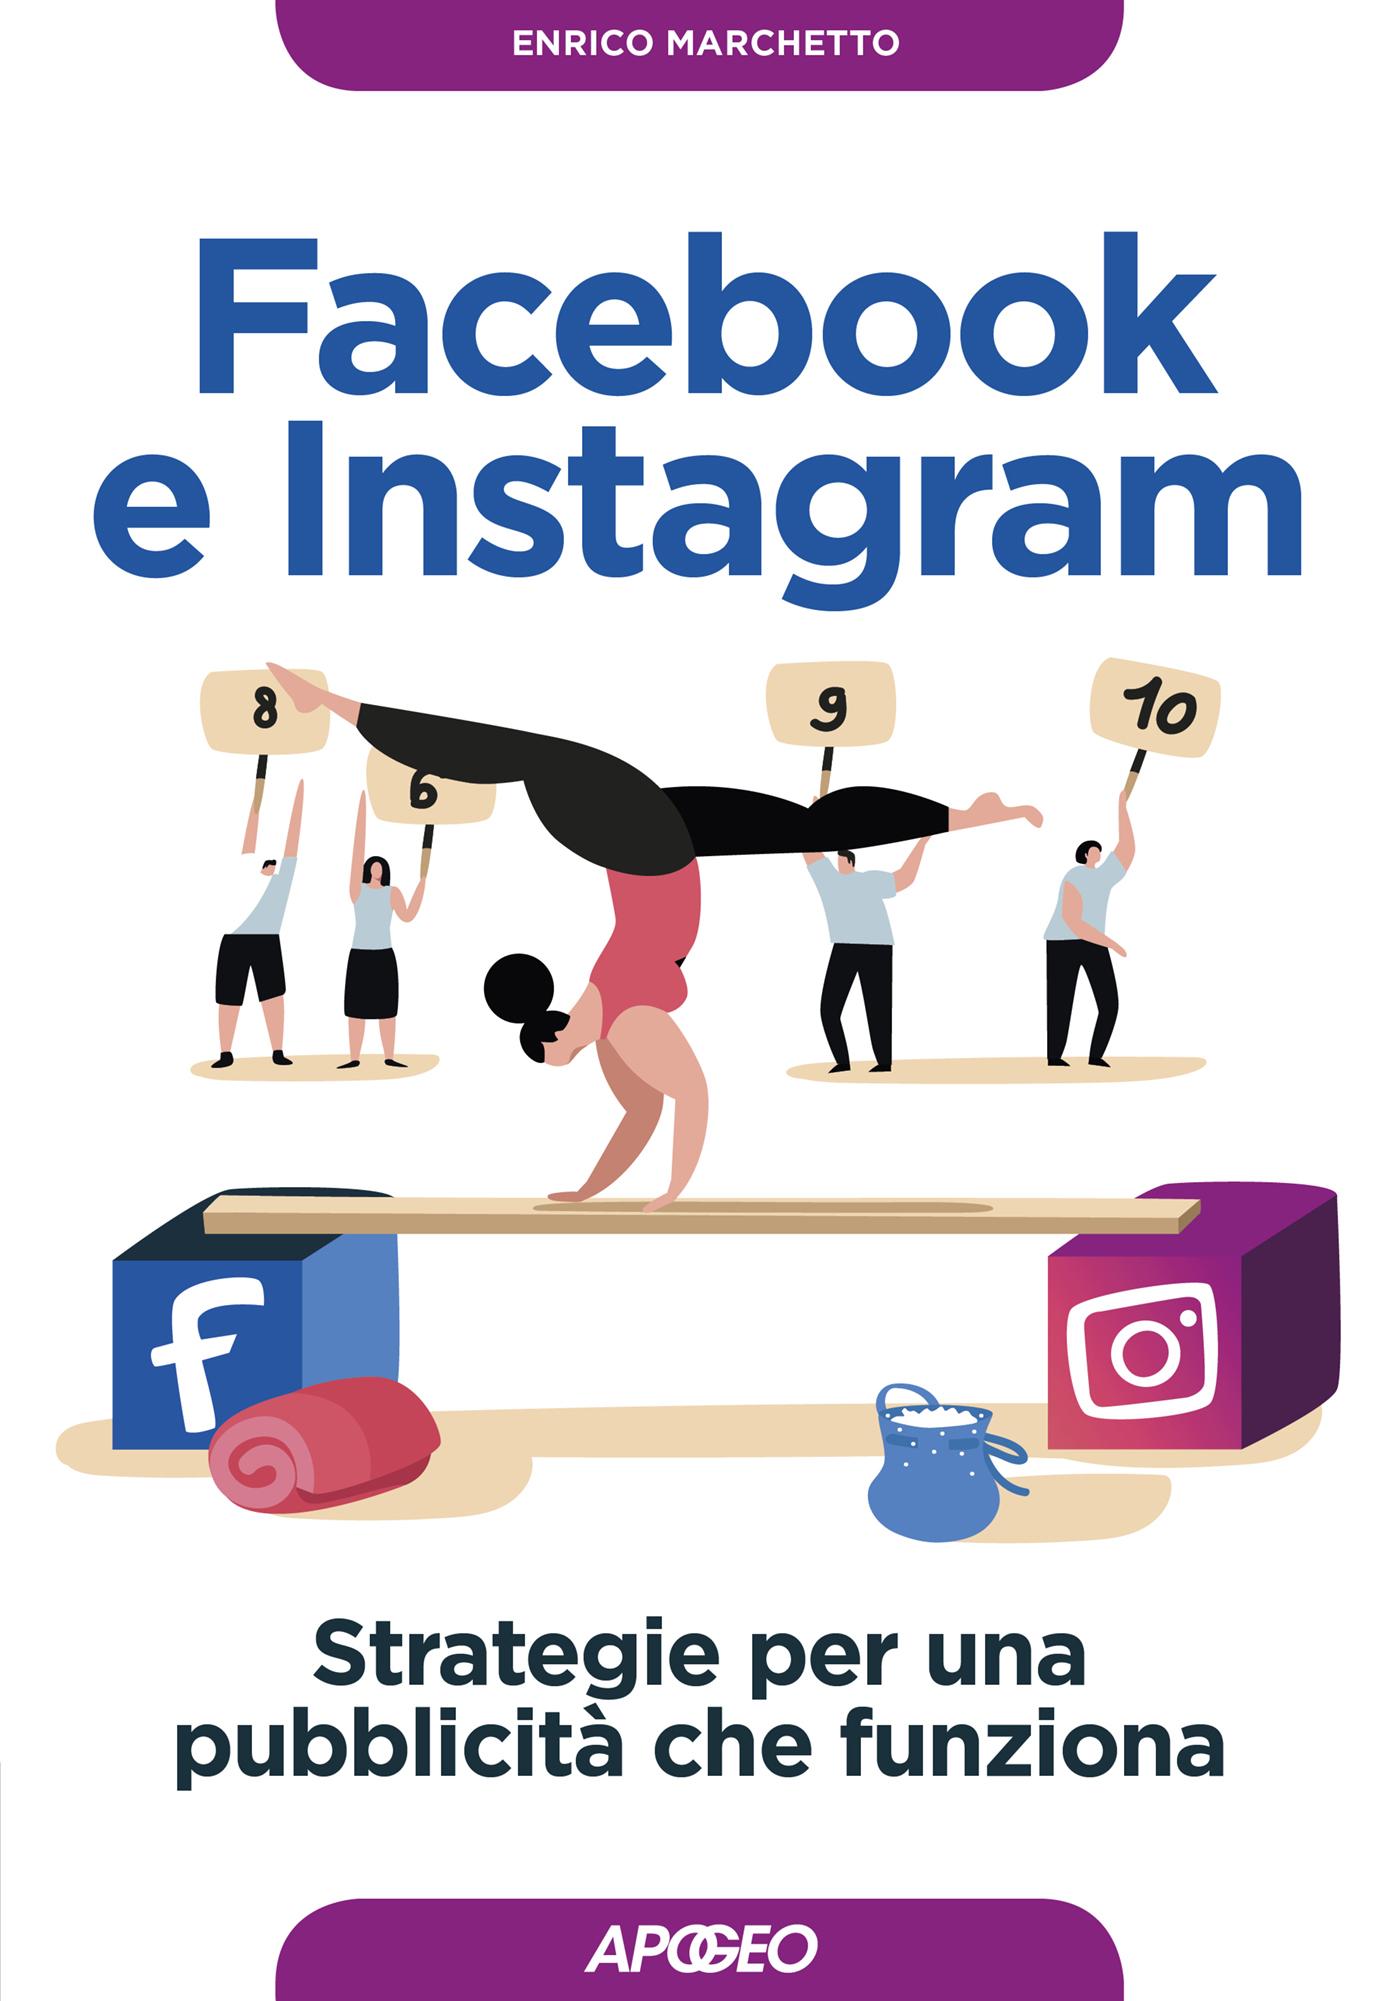 Facebook e Instagram - Strategie per una pubblicità che funziona, di Enrico Marchetto